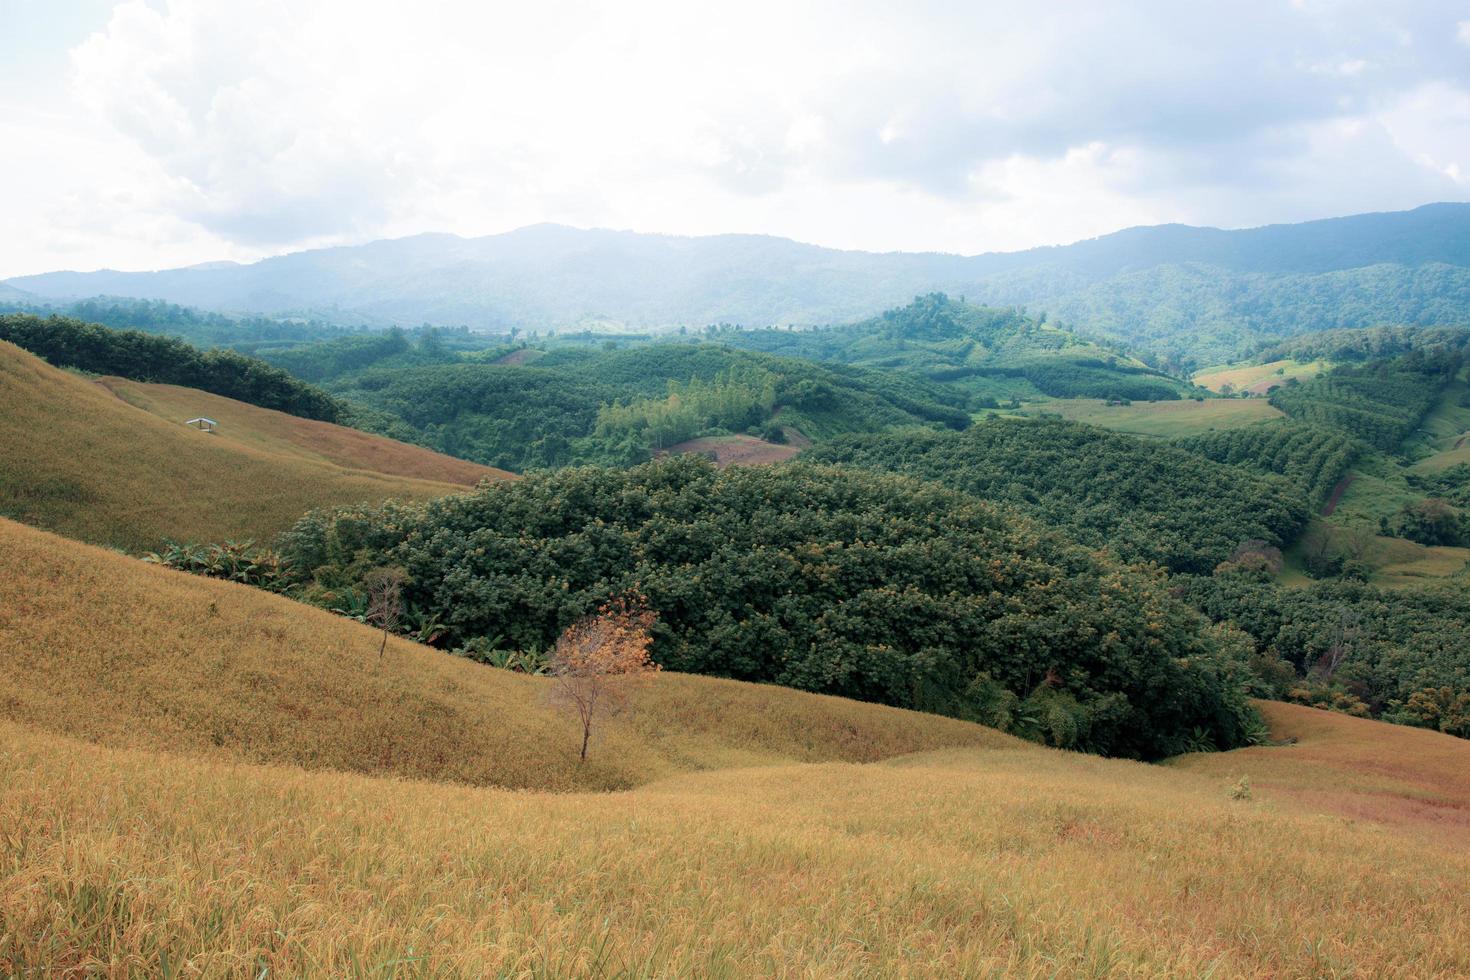 rijst veld op heuvelachtige landbouwgrond landschap foto